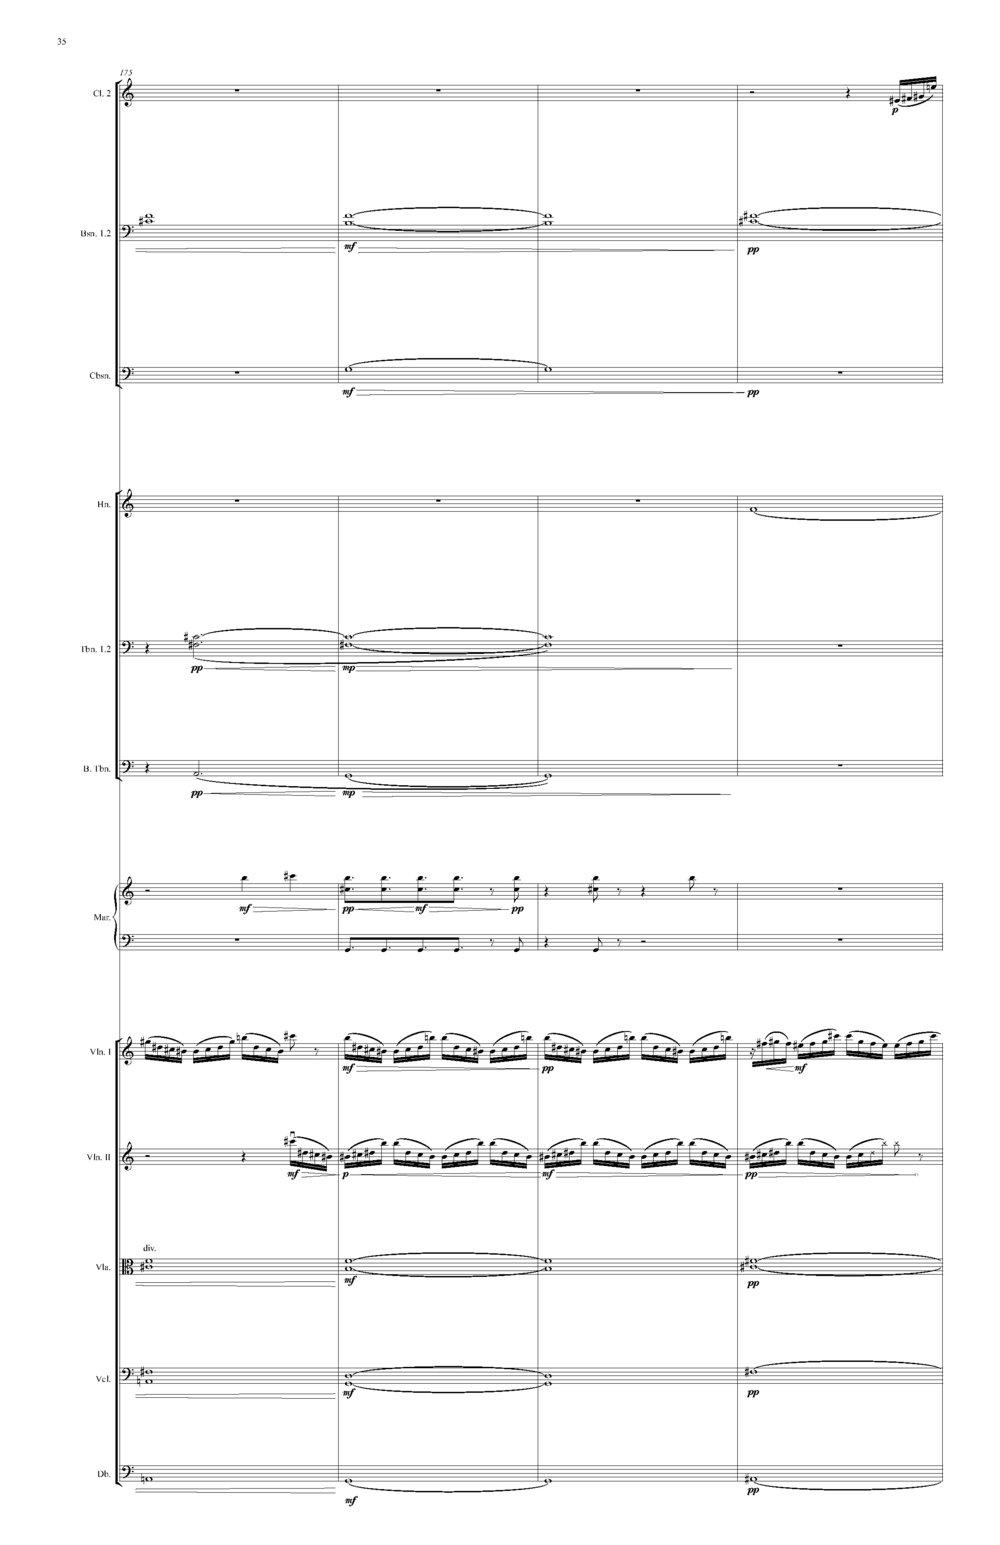 Kolmanskop 4-4-17 score - Full Score_Seite_38.jpg